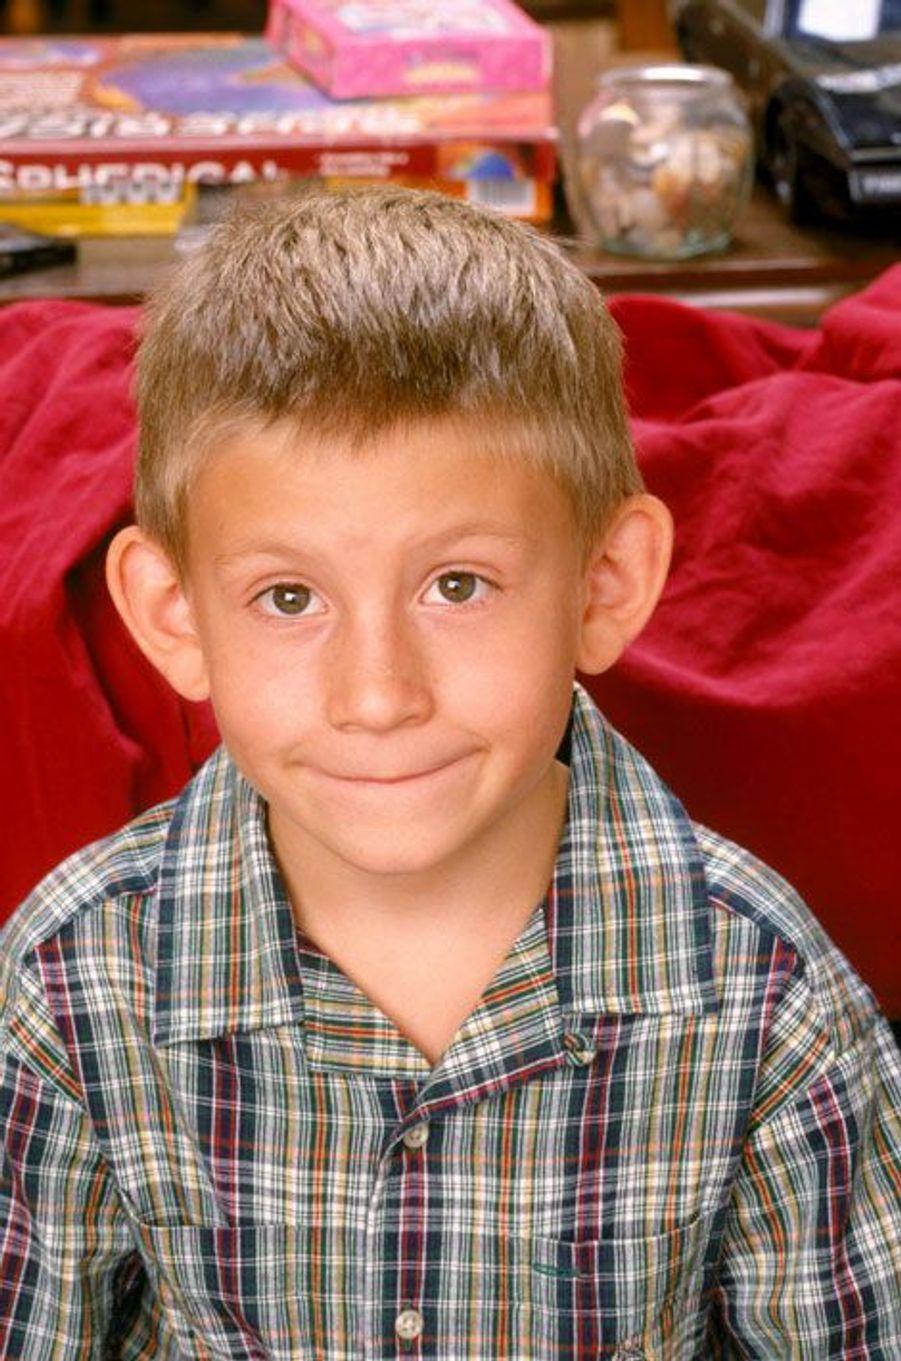 Reconnaissez-vous cet air? «Poupi Poupi Poupi Pou, Poupi Poupi Poupi Pou». Dewey est le plus jeune des quatre frères, jusqu'à la naissance du petit Jamie. Victime des blagues (pas toujours très sympathiques) de Malcolm, Francis et Reese, Dewey est lui aussi un petit génie. Joué par Erik Per Sullivan, le personnage est devenu une véritable icône de la pop culture. En 2003, il a doublé la voix de Sheldon dans «Nemo». A part quelques rares apparitions à la télévision, il a disparu des écrans.